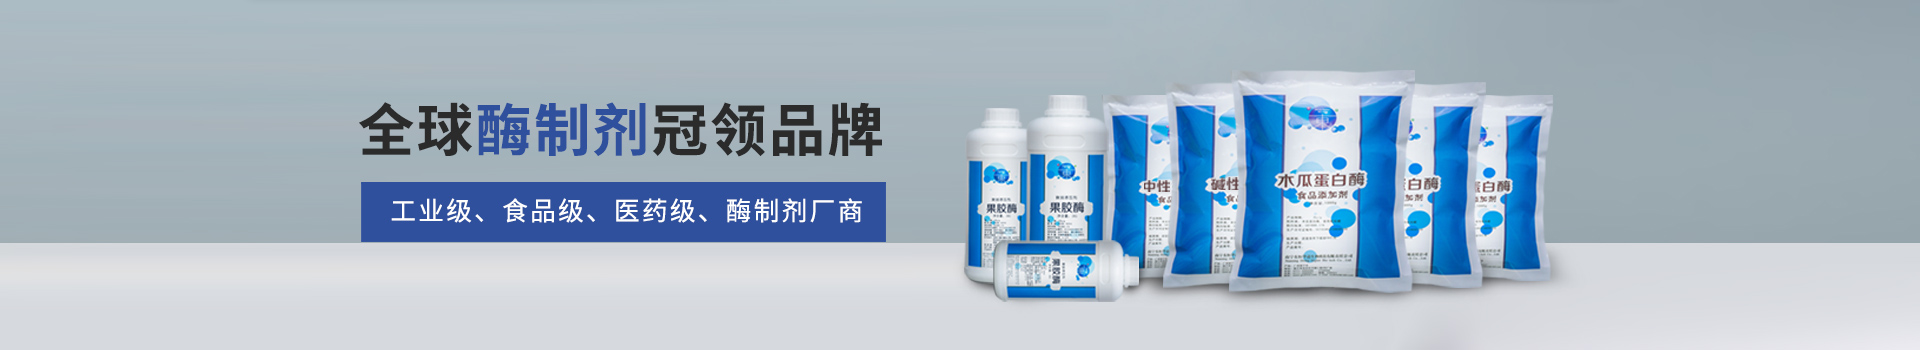 东恒华道-工业级、食品级、医药级、酶制剂厂商